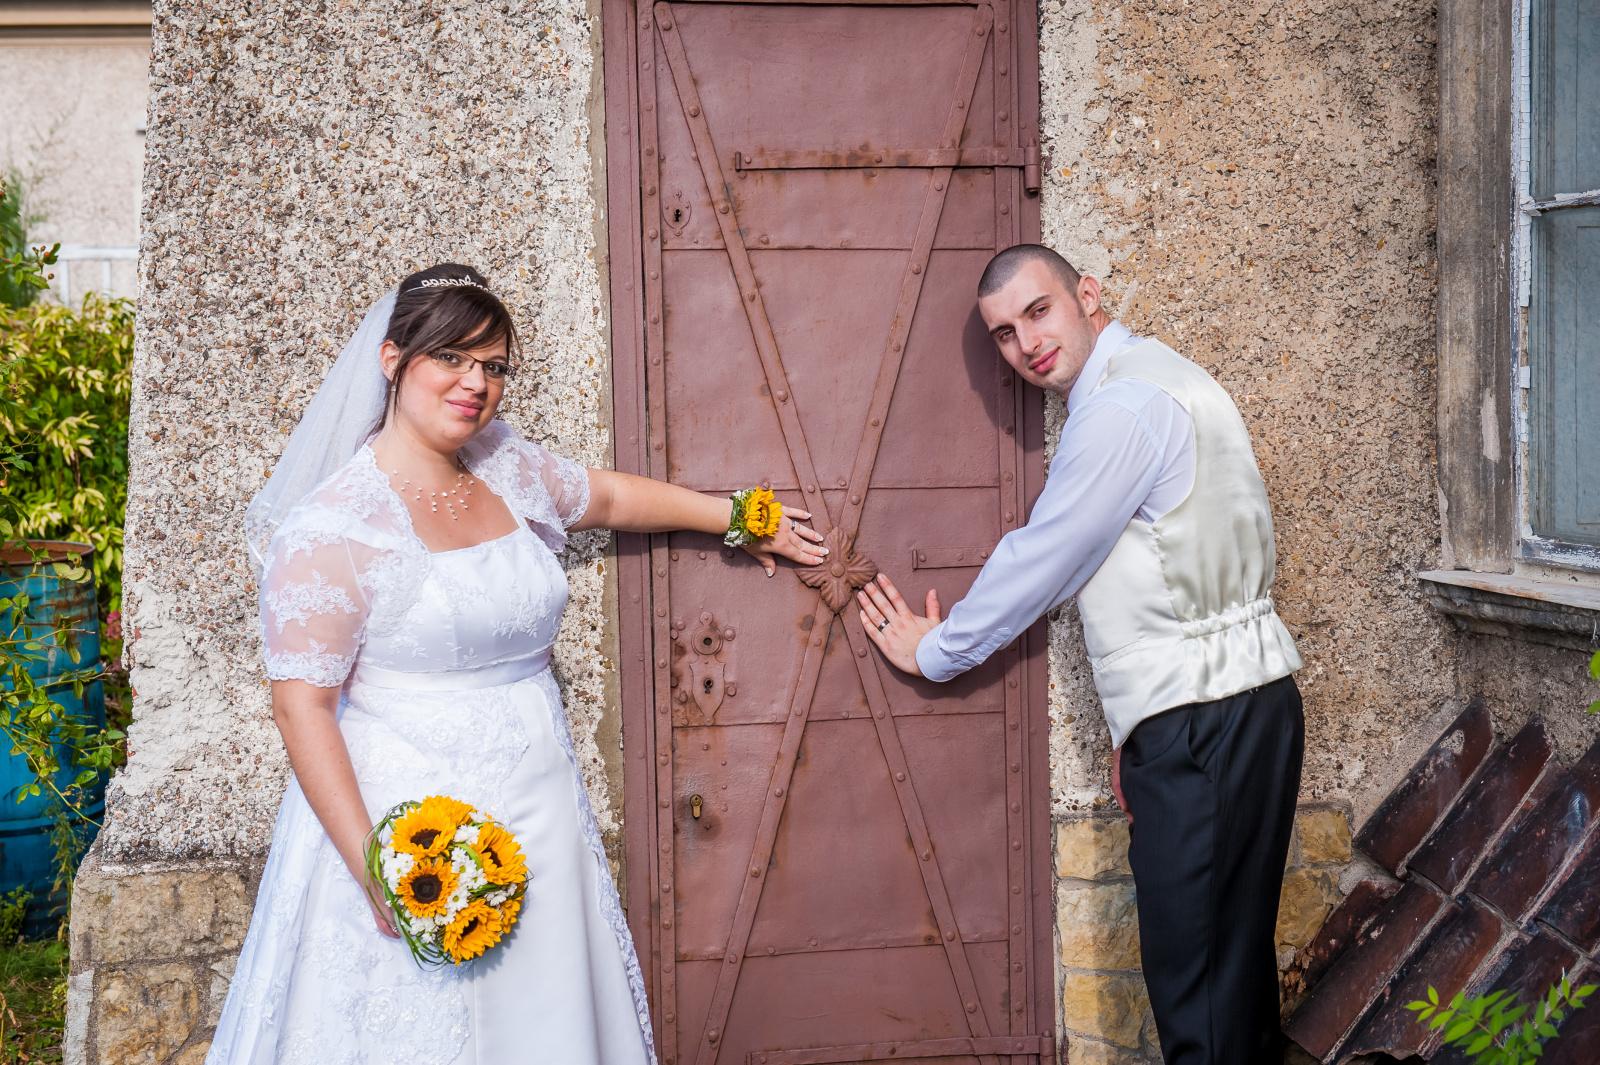 Svatební fotokniha uchová vzpomínky na focení svatby zase trochu jinak